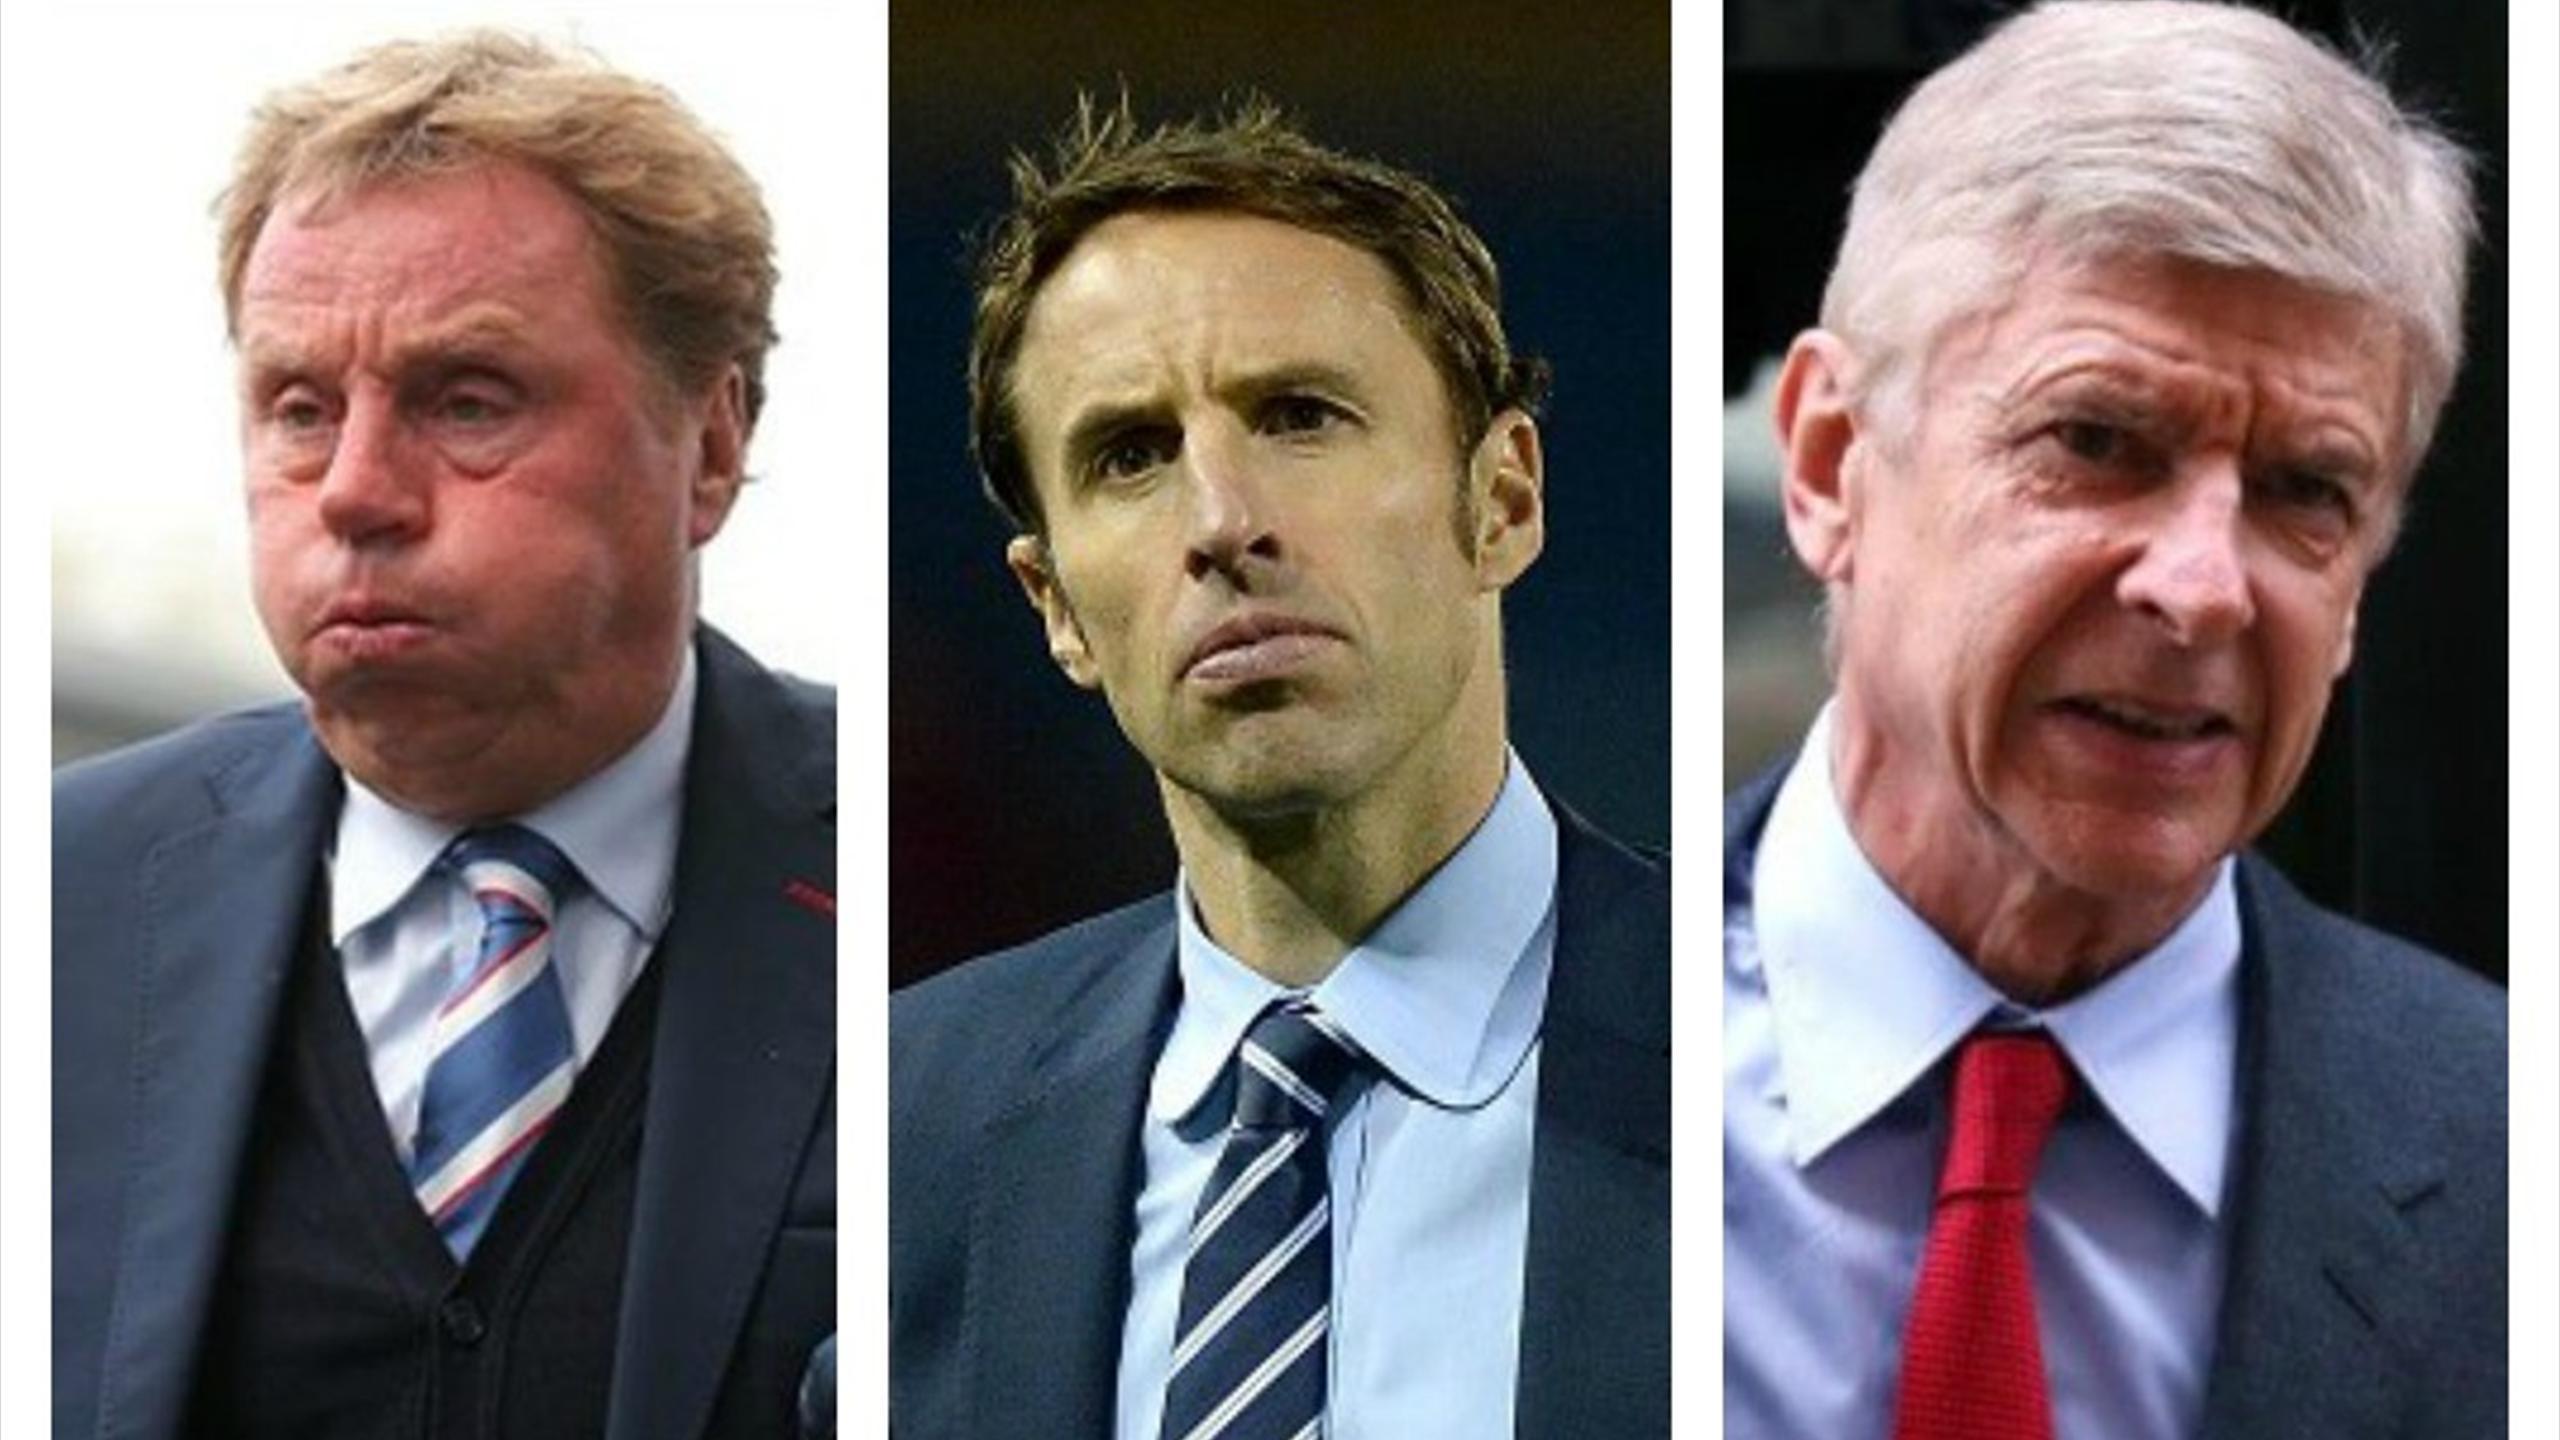 Harry Redknapp, Gareth Southgate and Arsene Wenger